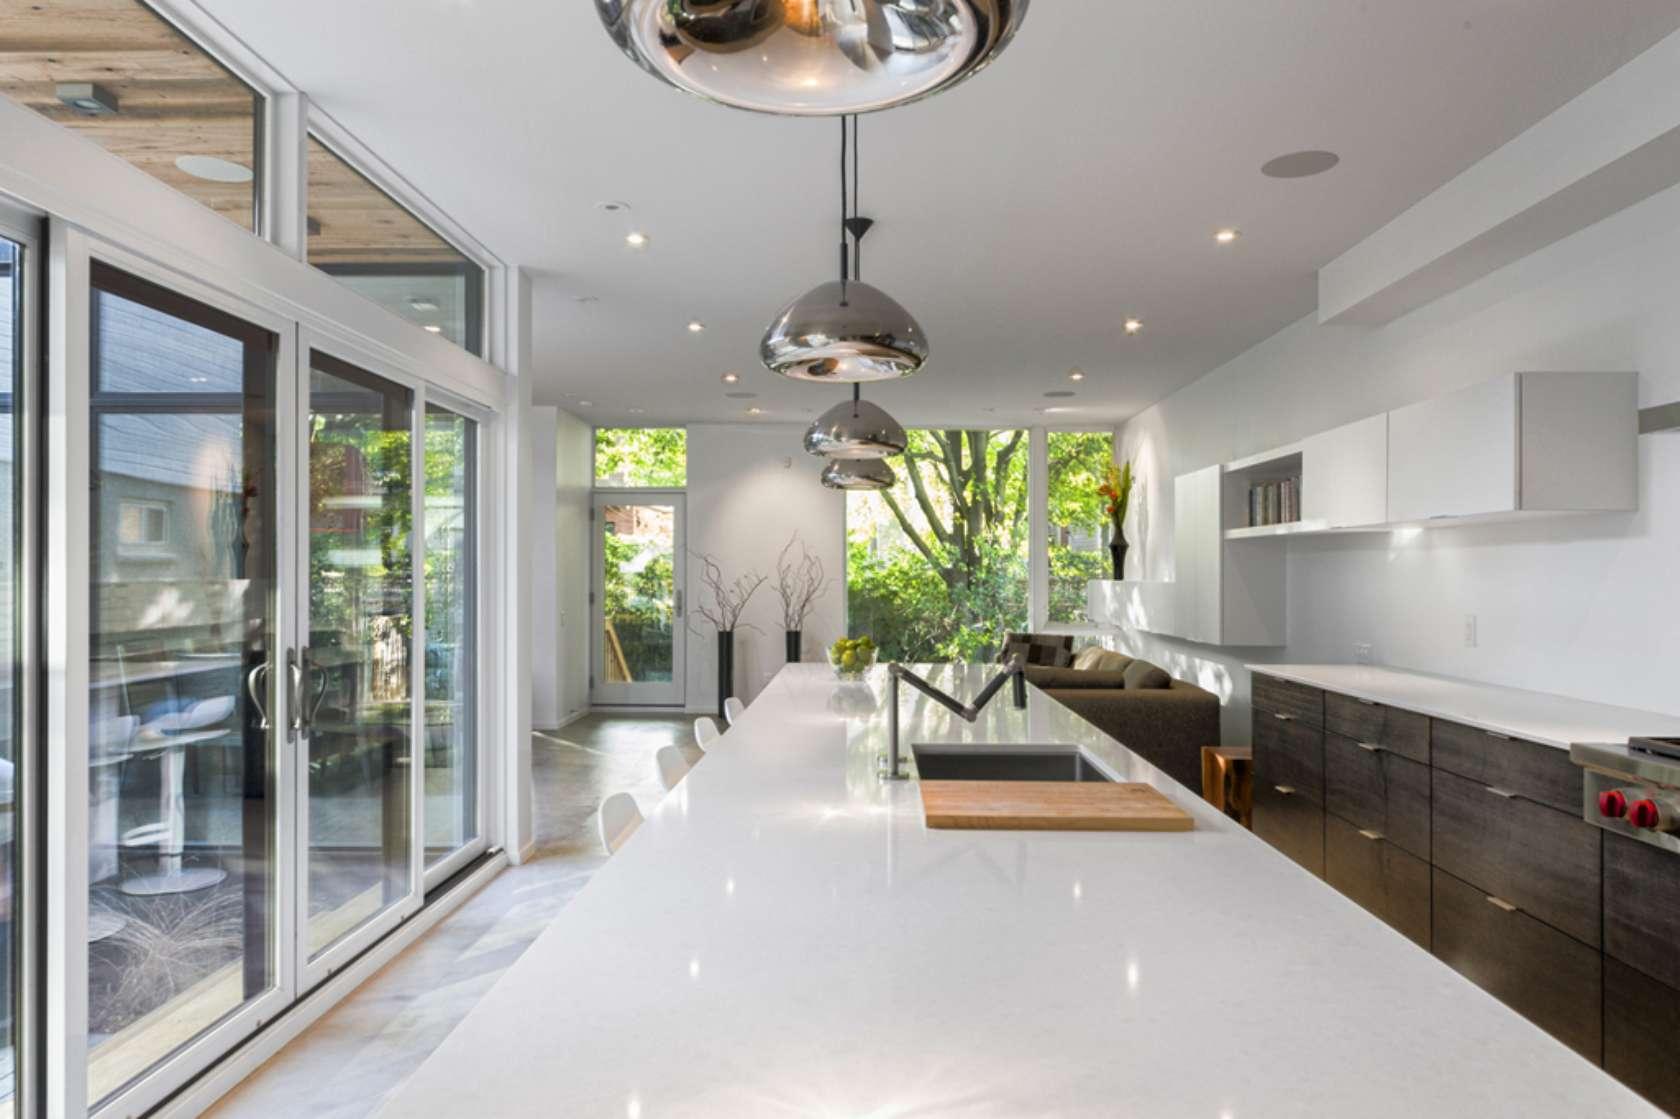 diseo de isla de cocina lineal con grandes y modernas lmparas de techo cromadas